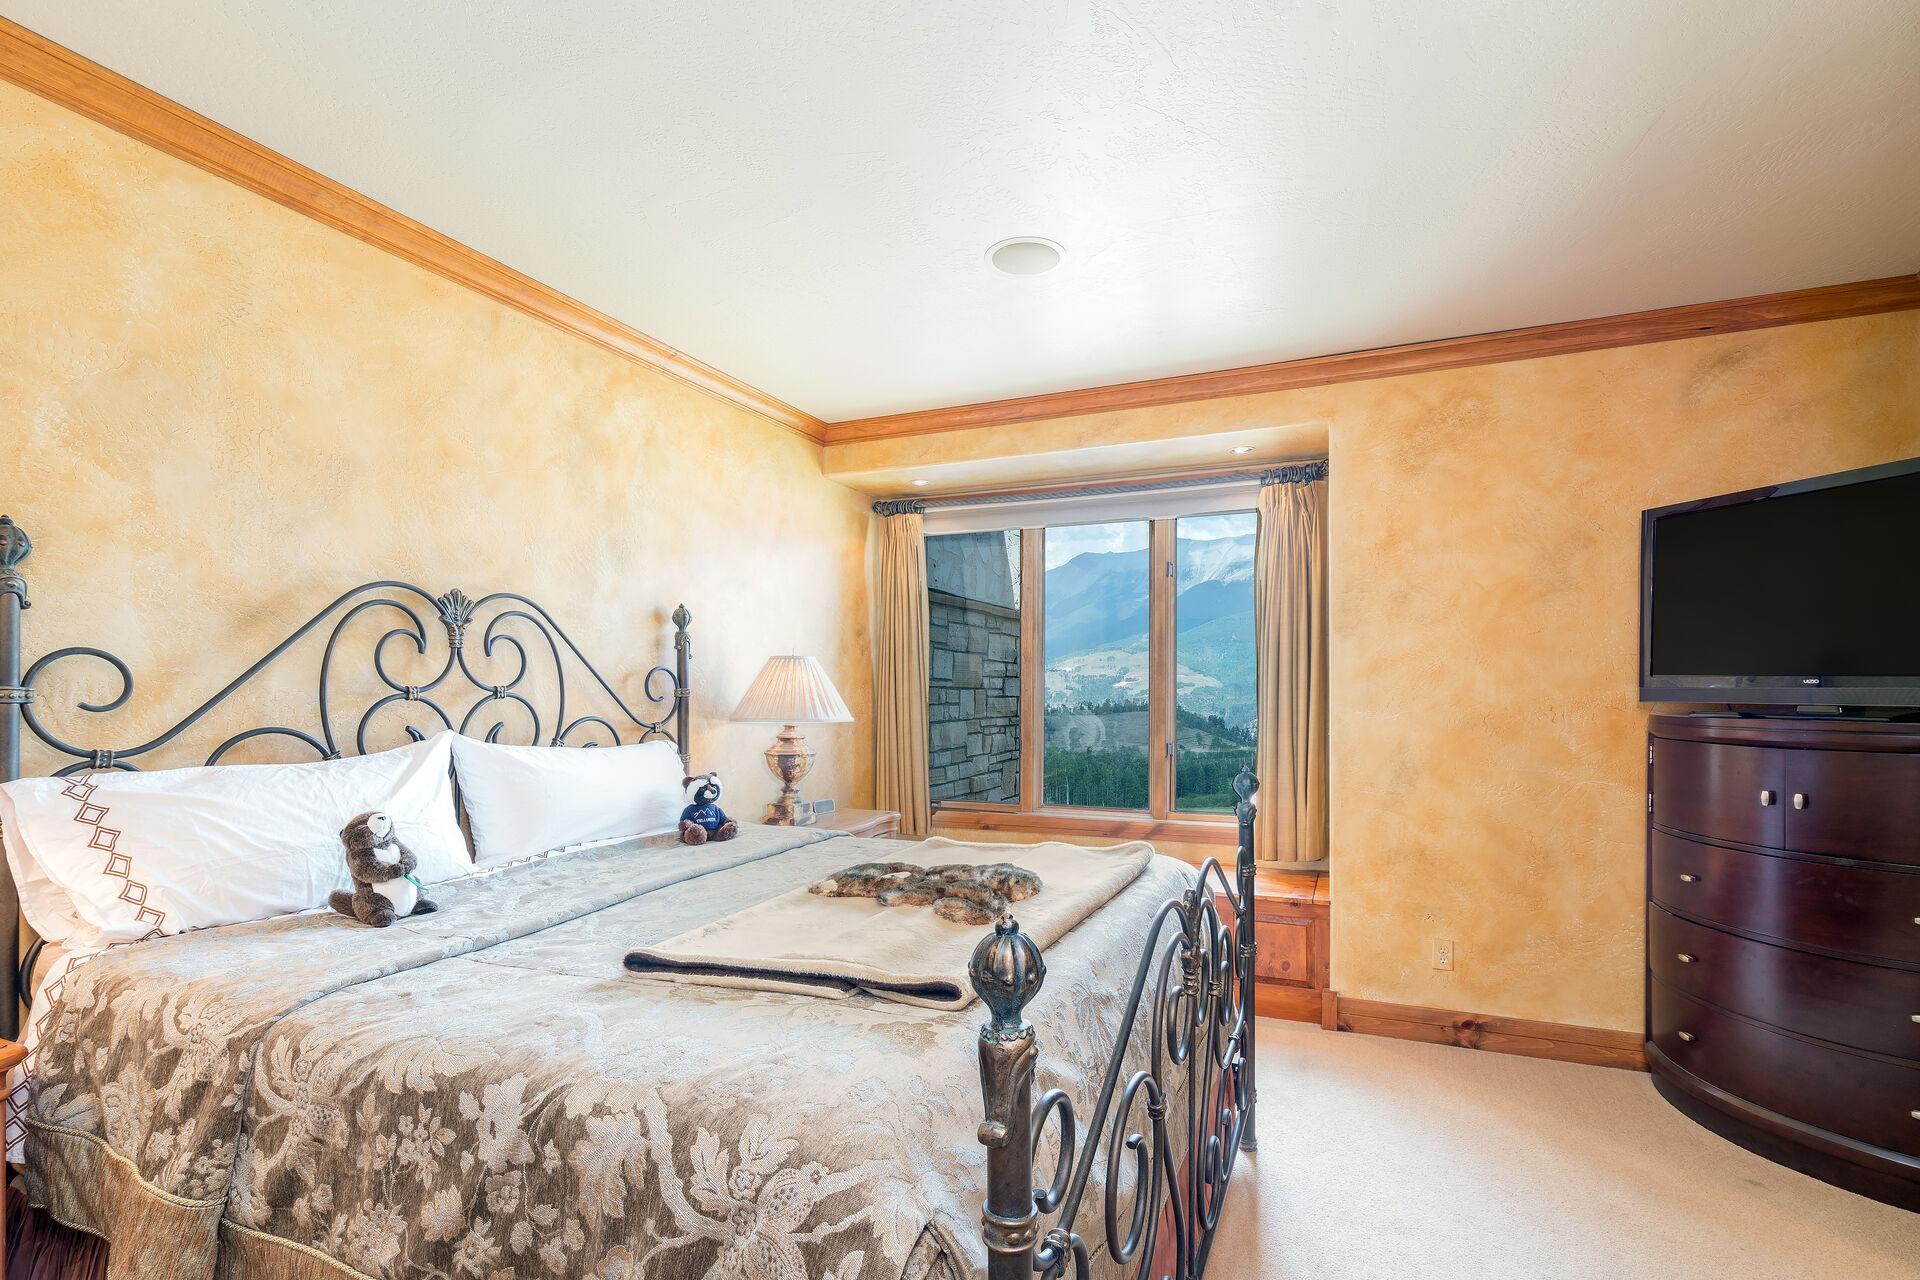 Bedroom with dresser top tv